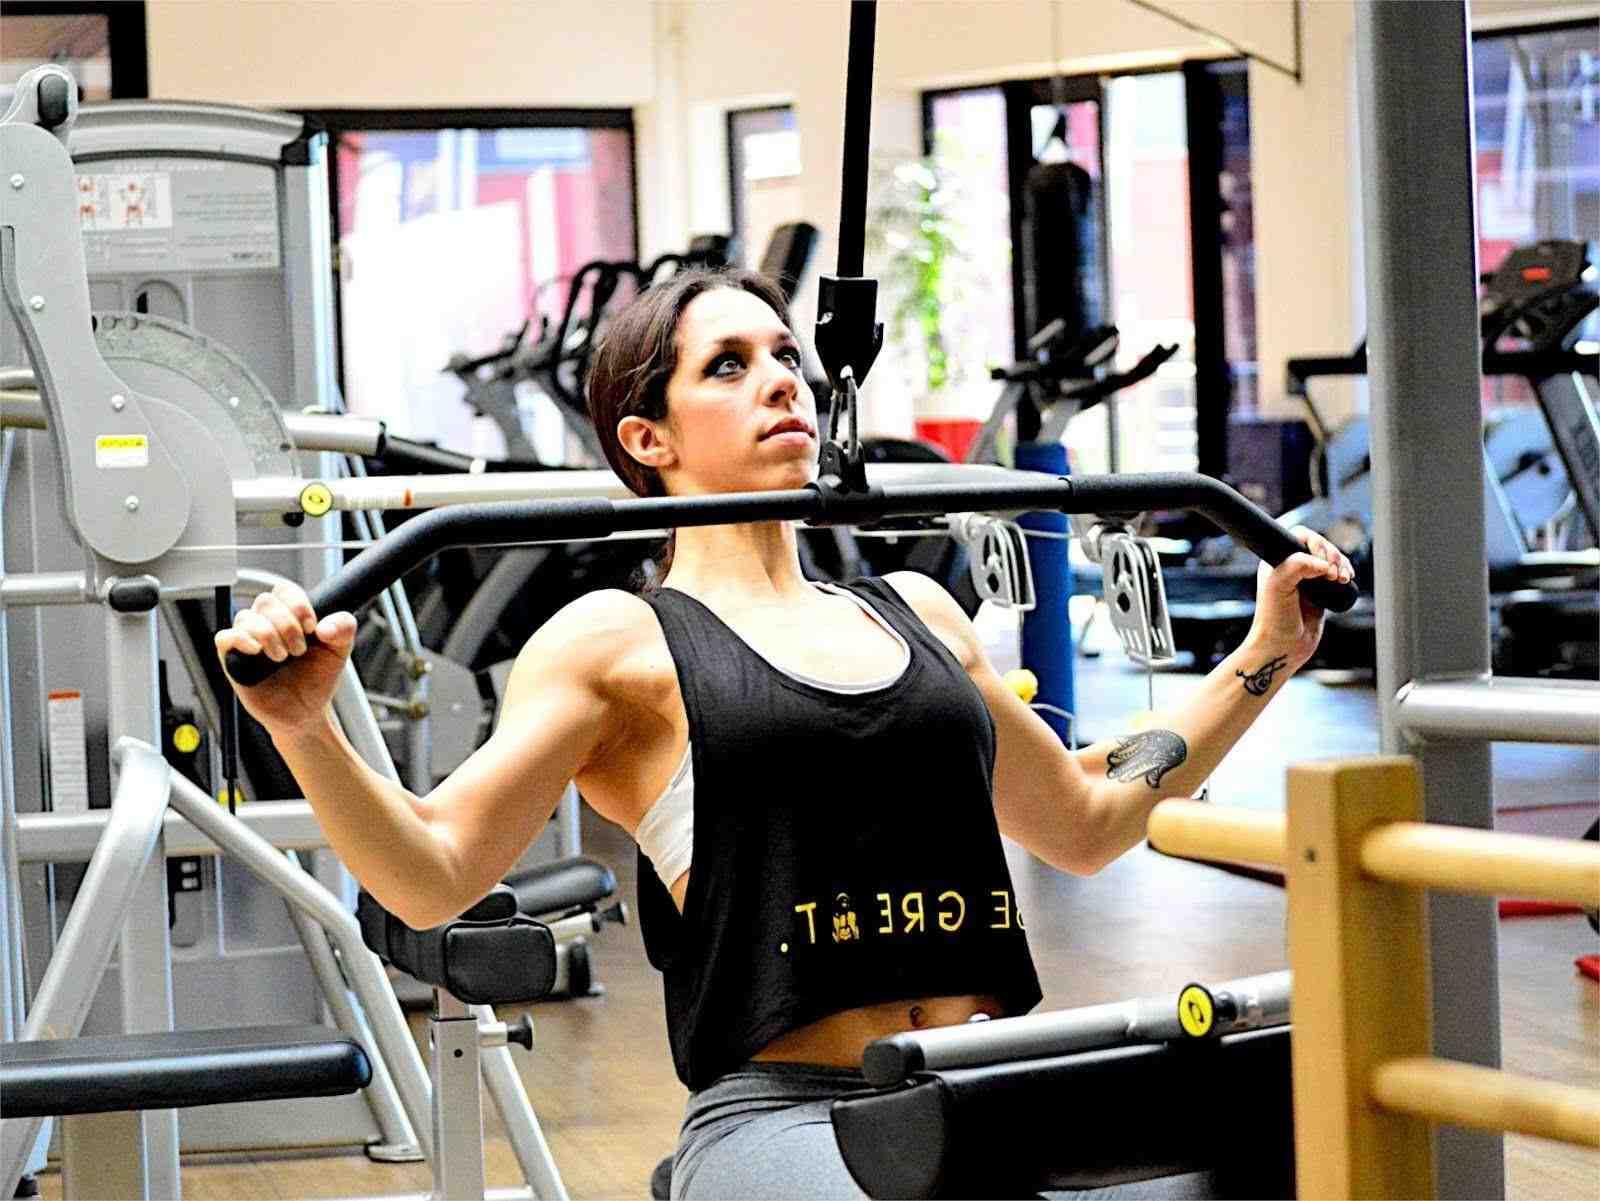 Comment utiliser le matériel de musculation ?